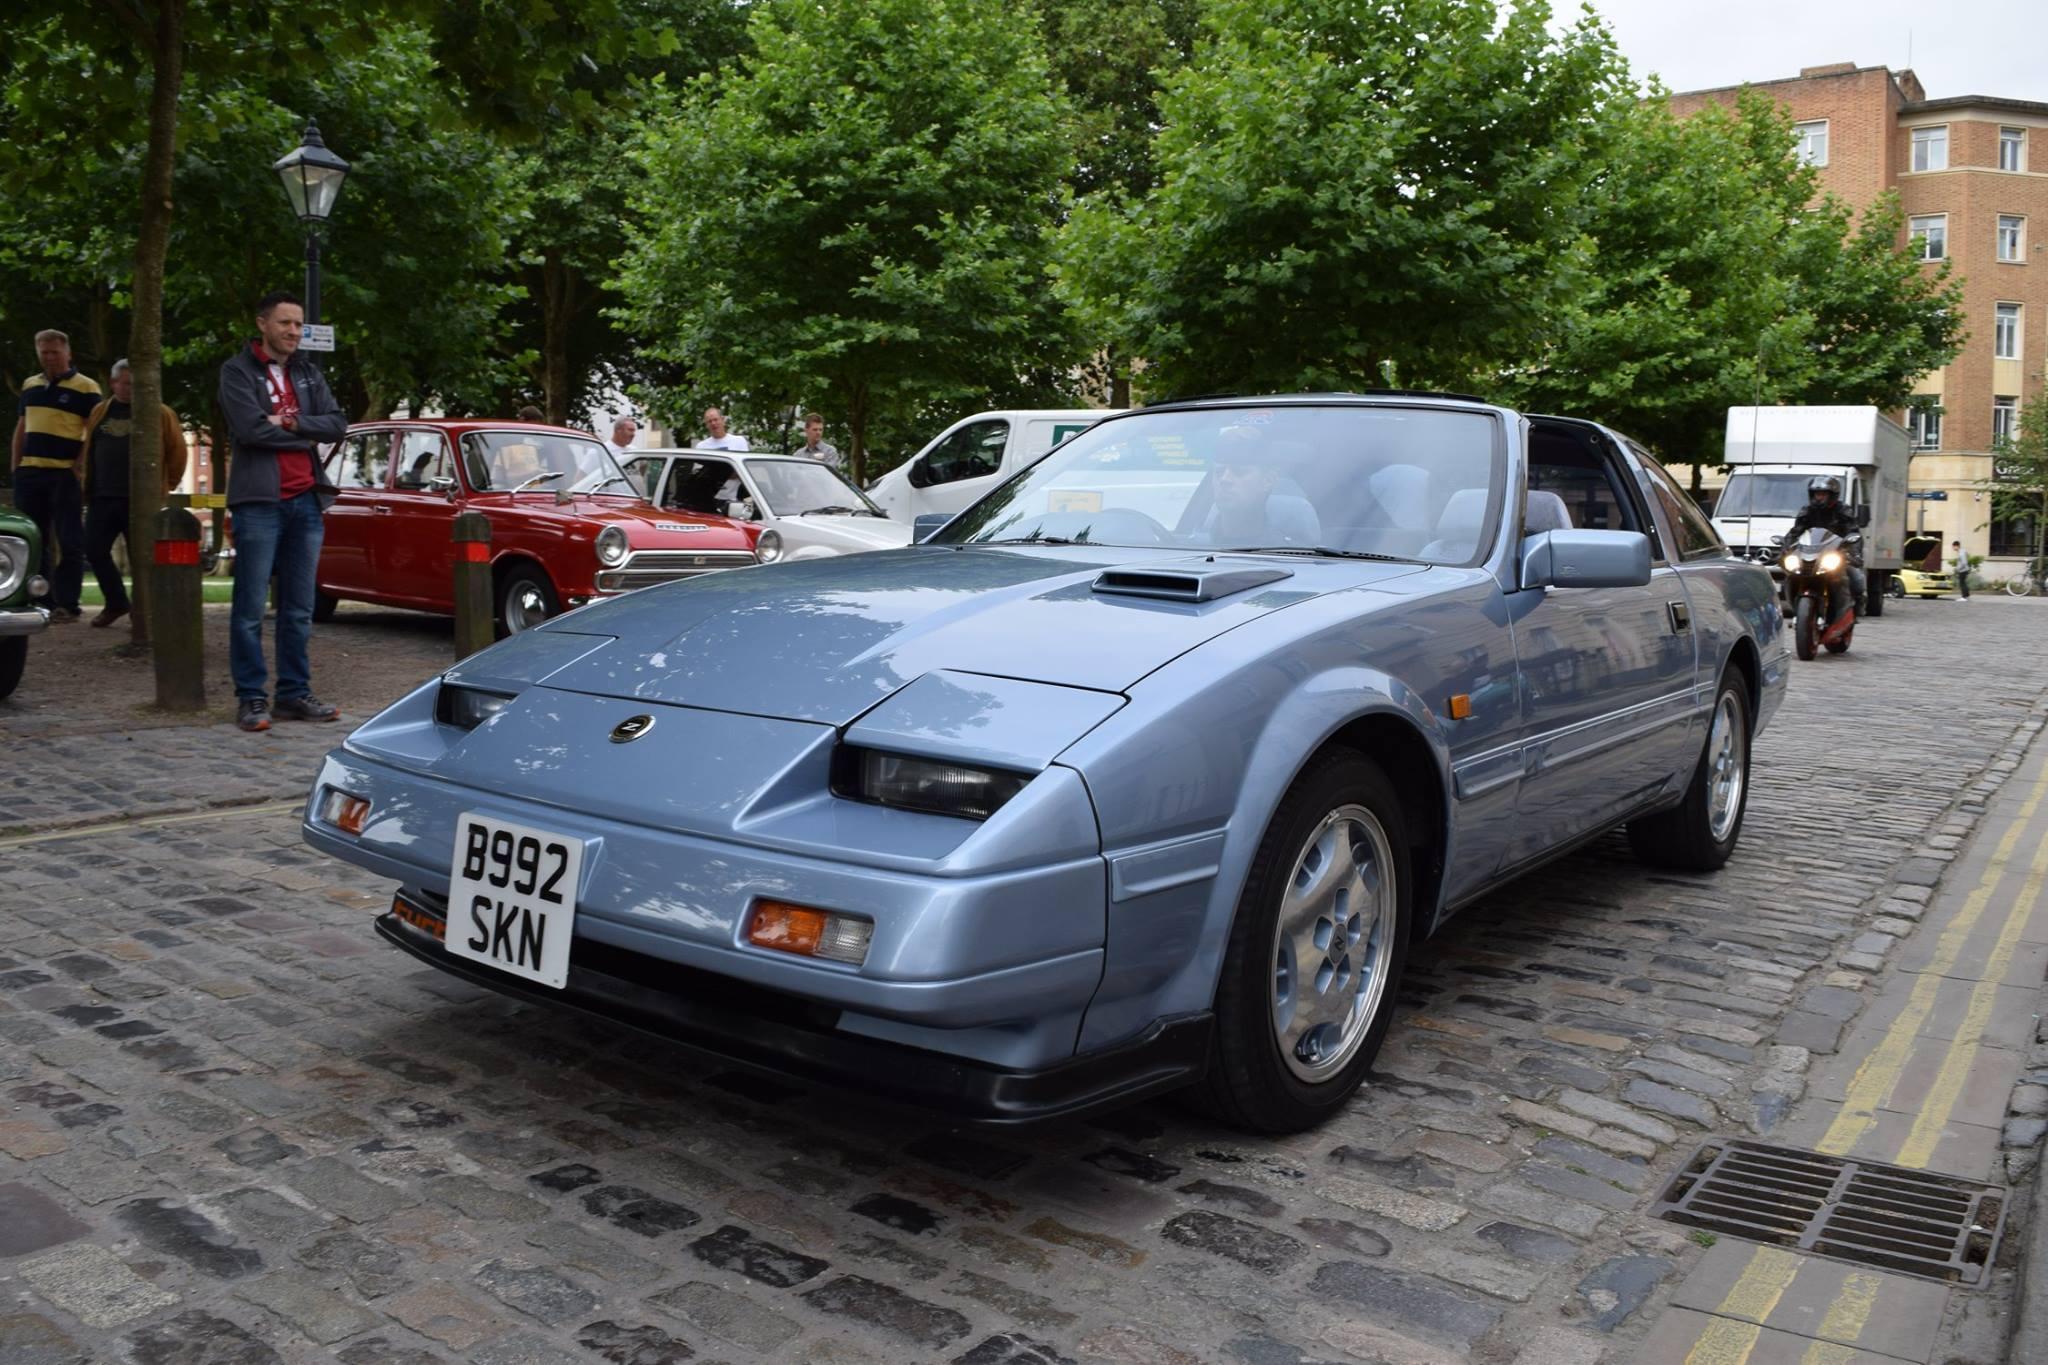 Nissan+300ZX+Z31++%281983 1989%29 - Nissan 300ZX Z31  (1983-1989)